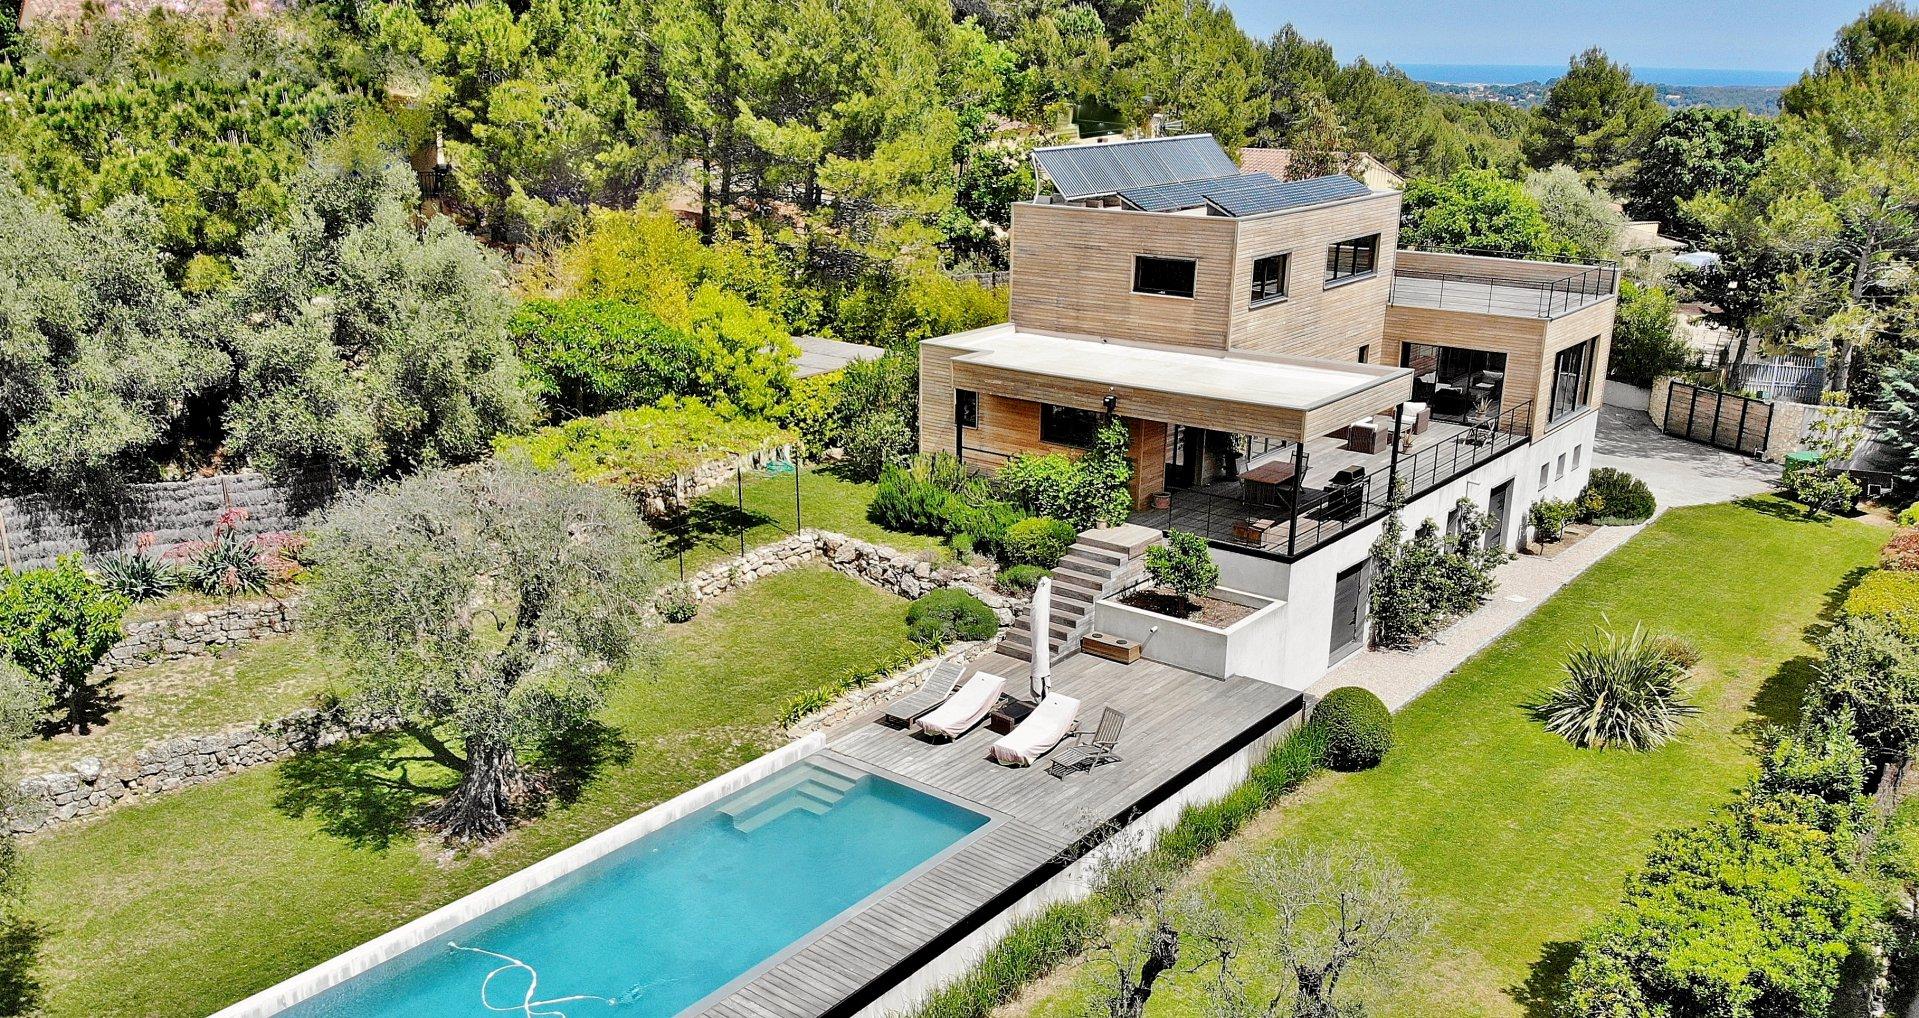 OPIO - Magnifique villa contemporaine en bois.